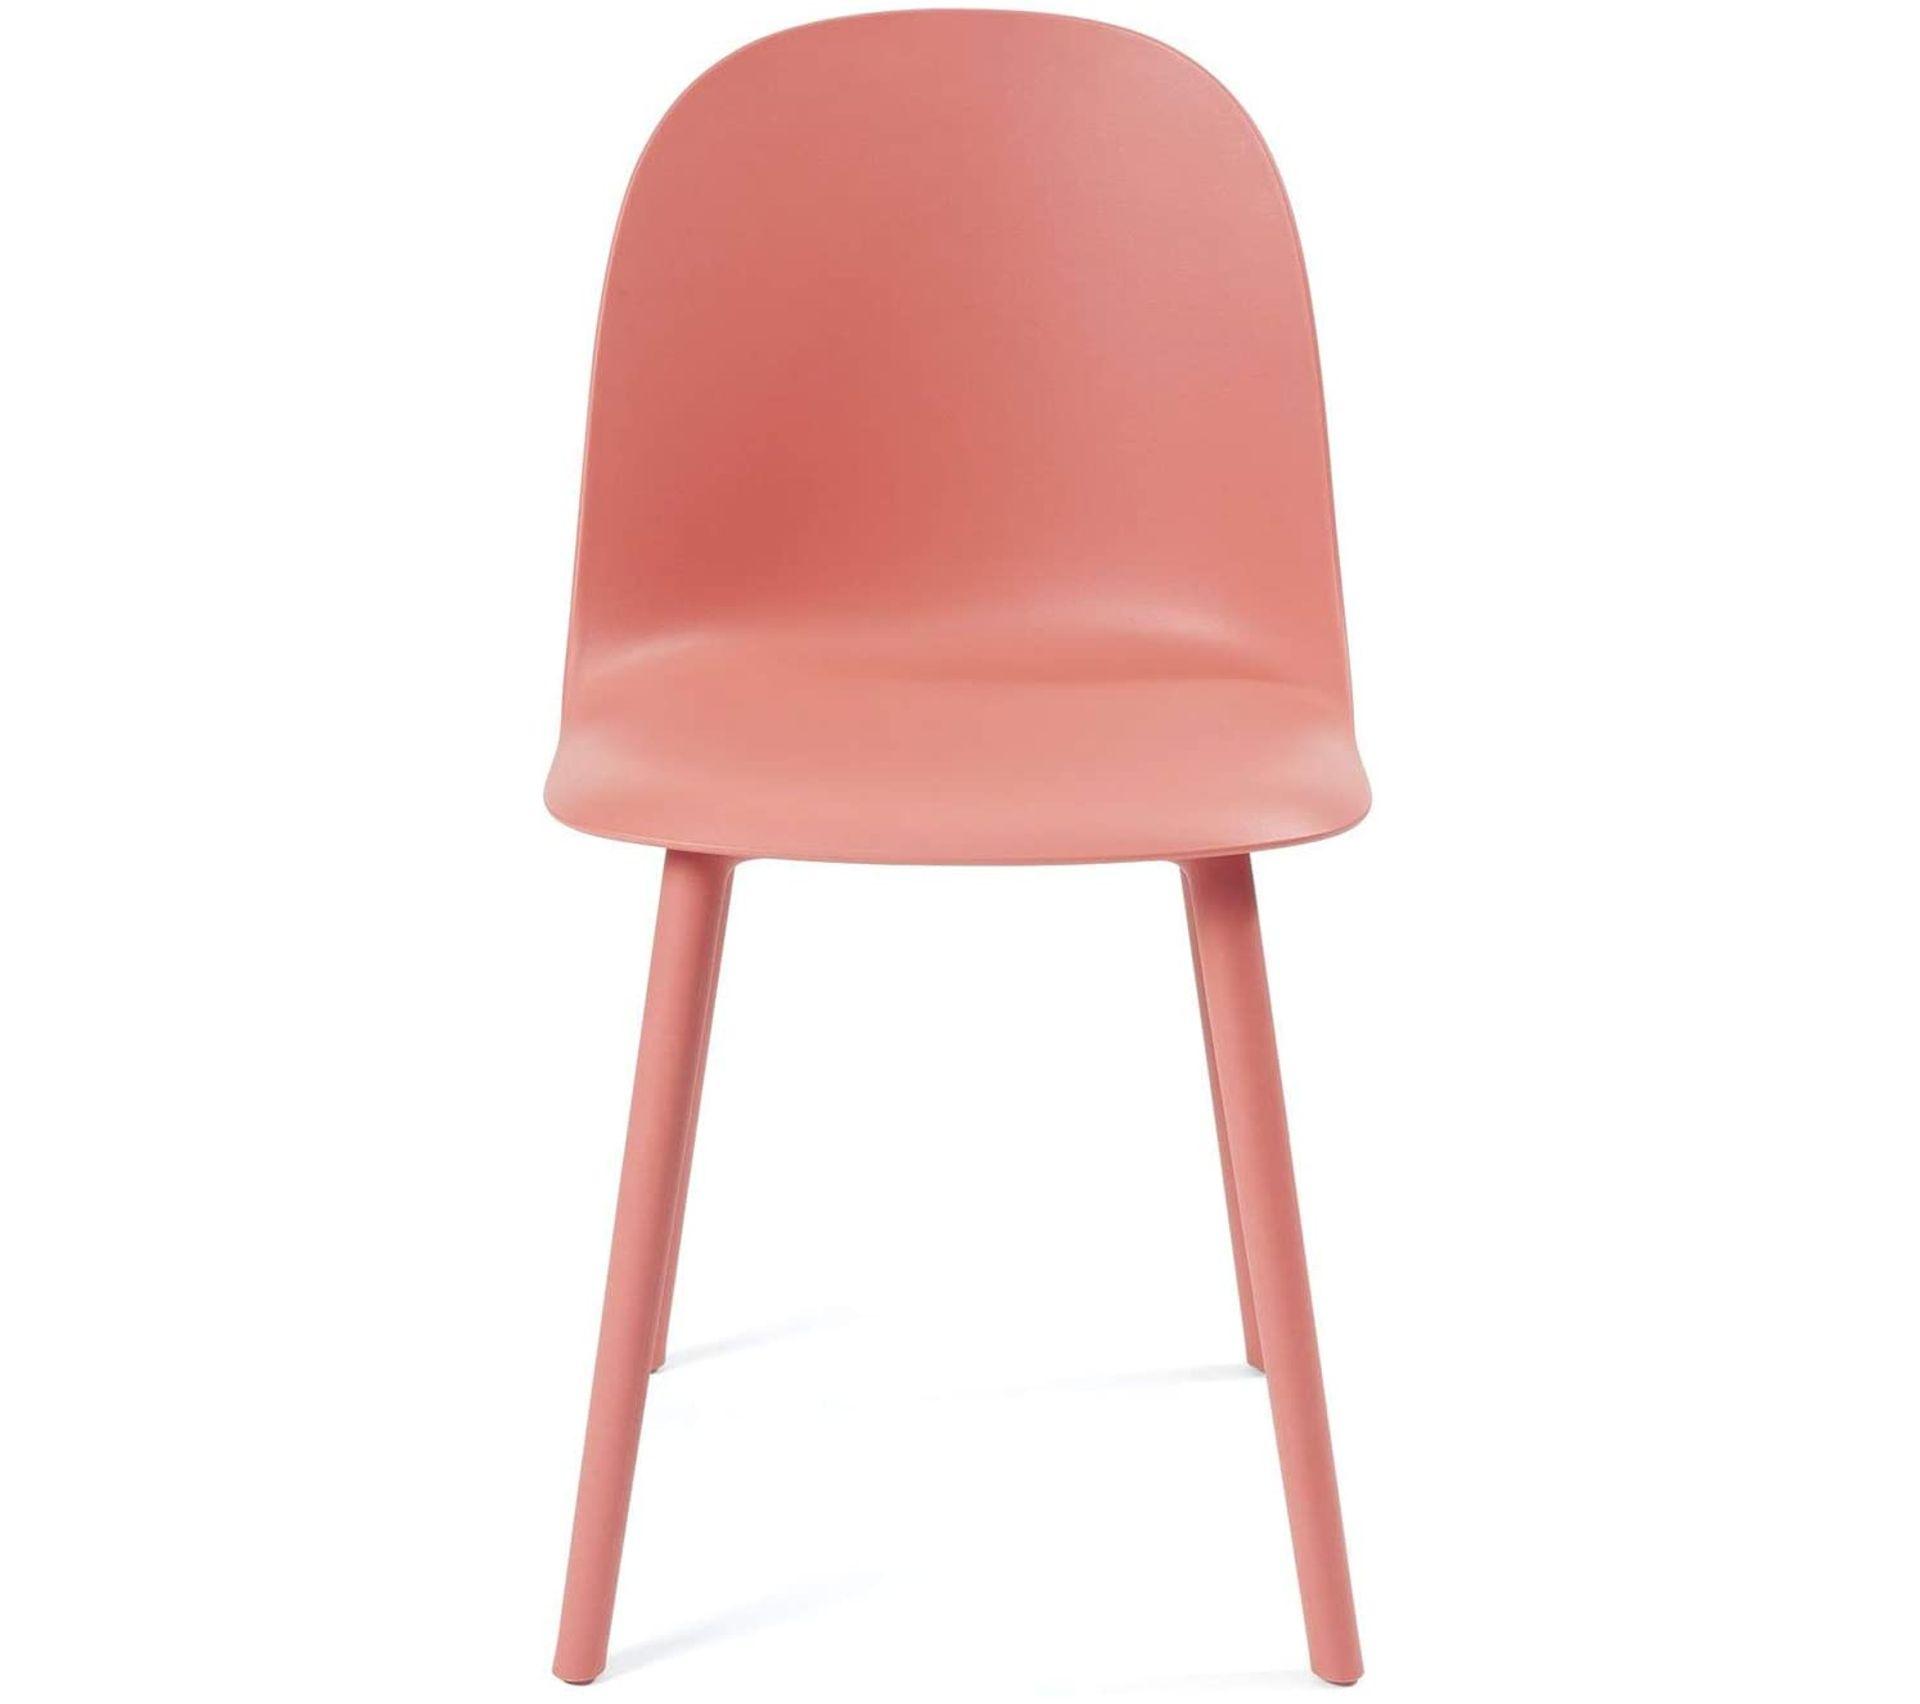 lot de 2 chaises cuisine design interieur extrerieur ufi rouge